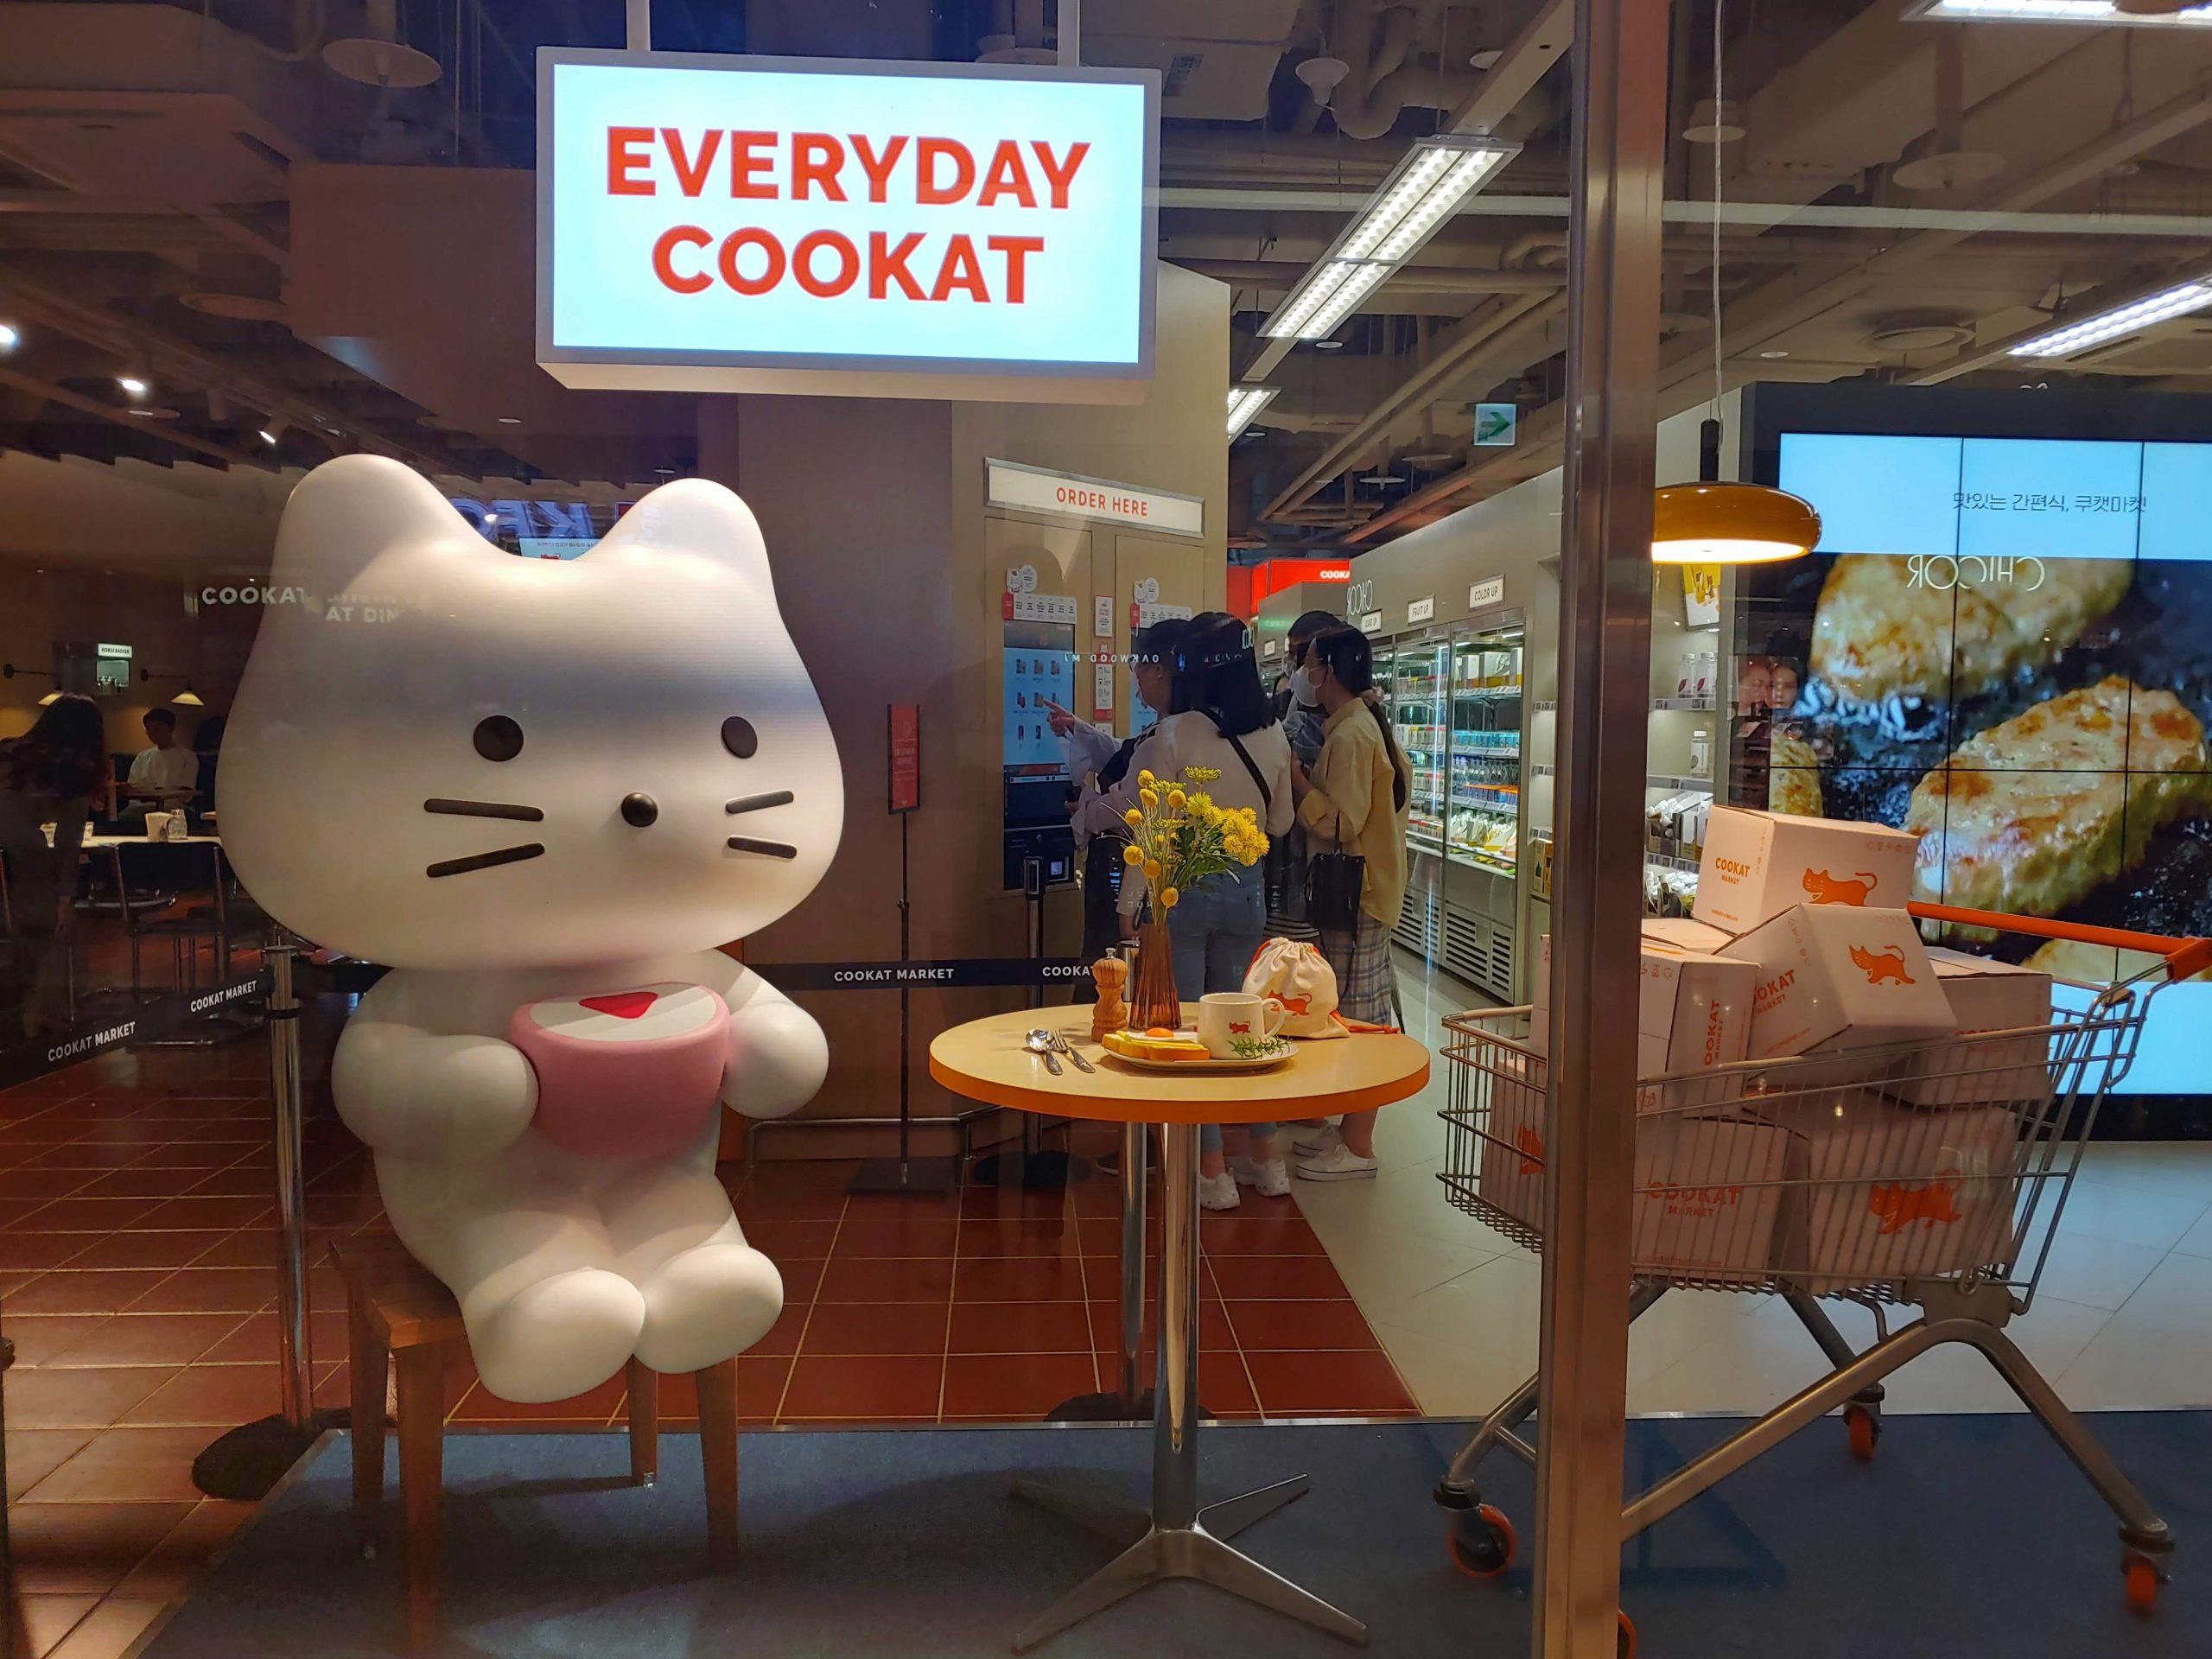 【三成站】韓國新時代美食『COOKAT MARKET (쿠캣마켓)』形象門市!(享受美食.快速即時)